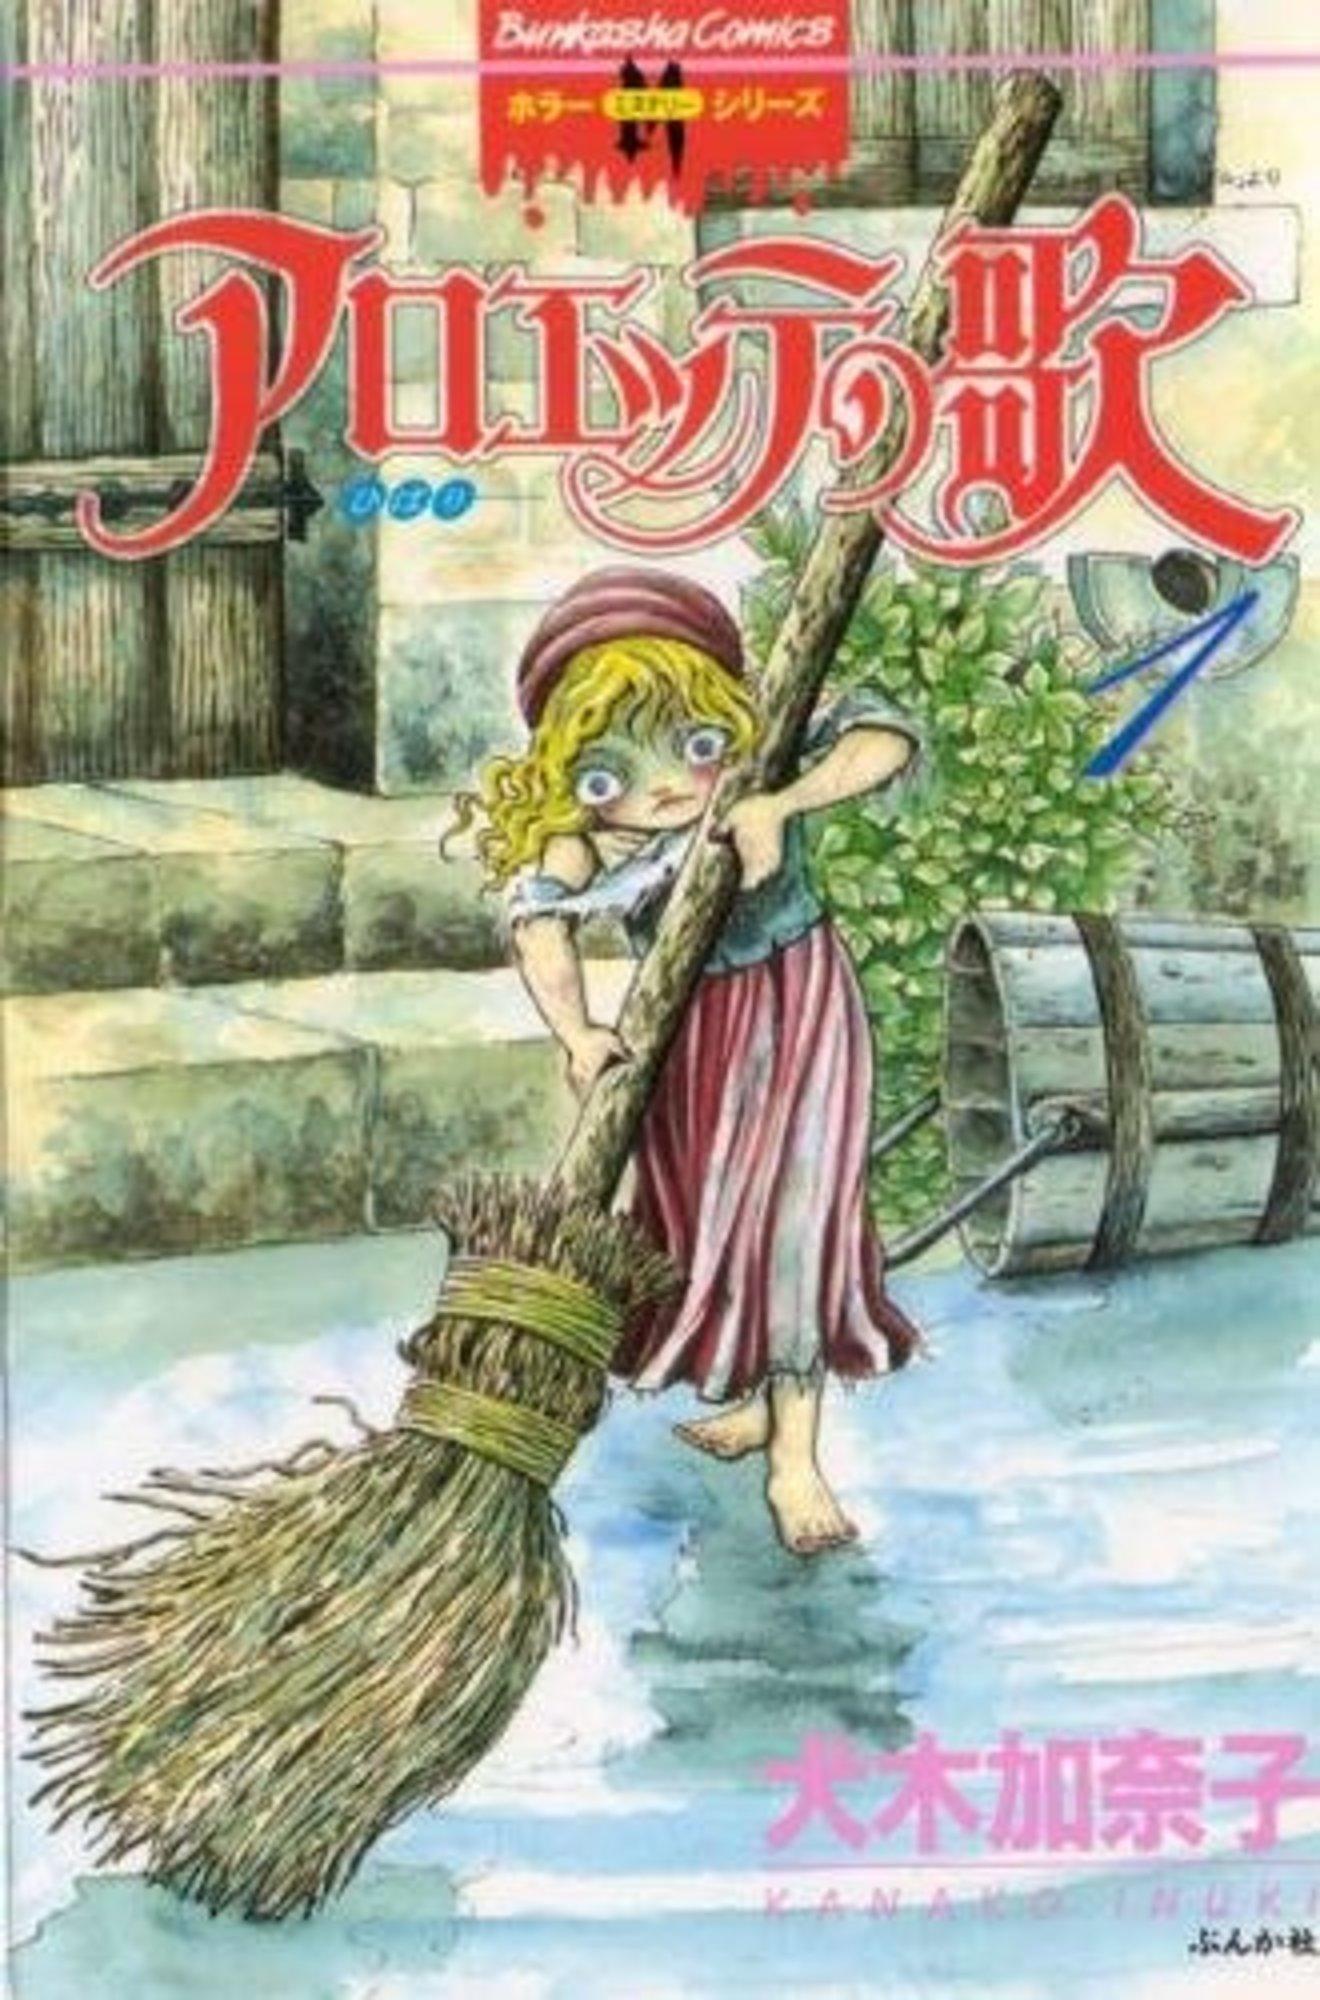 漫画『アロエッテの歌』の魅力を全巻ネタバレ紹介!人間を描き切った名作!